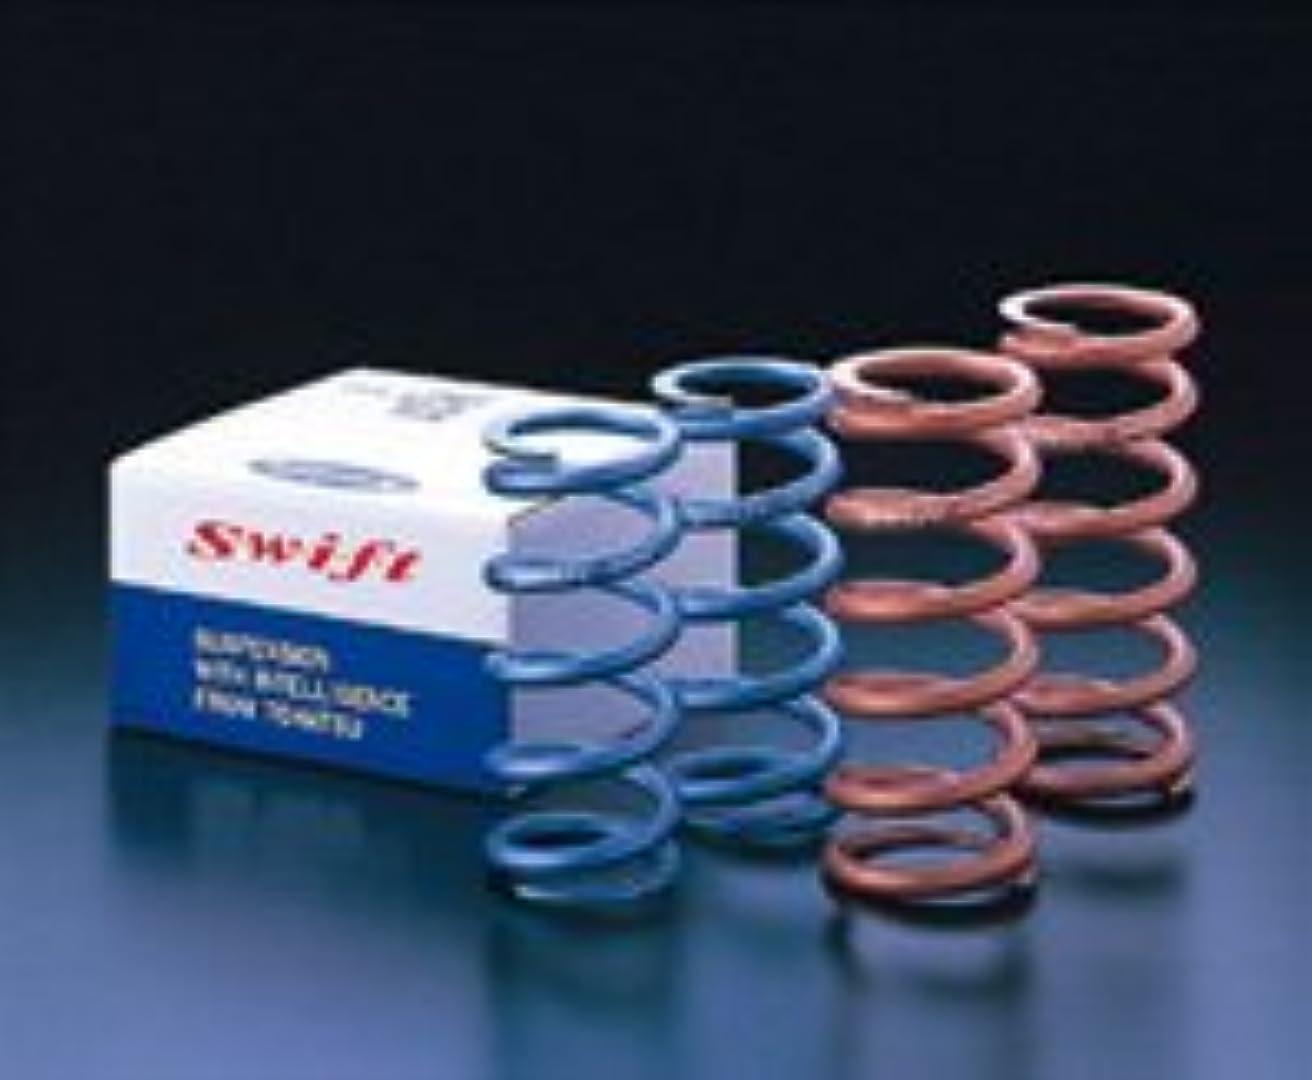 ダーベビルのテスリビジョンジョットディボンドンSwift(スイフト) 直巻スプリングID(内径) 65mm 自由長 203.0mm(8inch) ばね定数 8Kgf/mm 2本